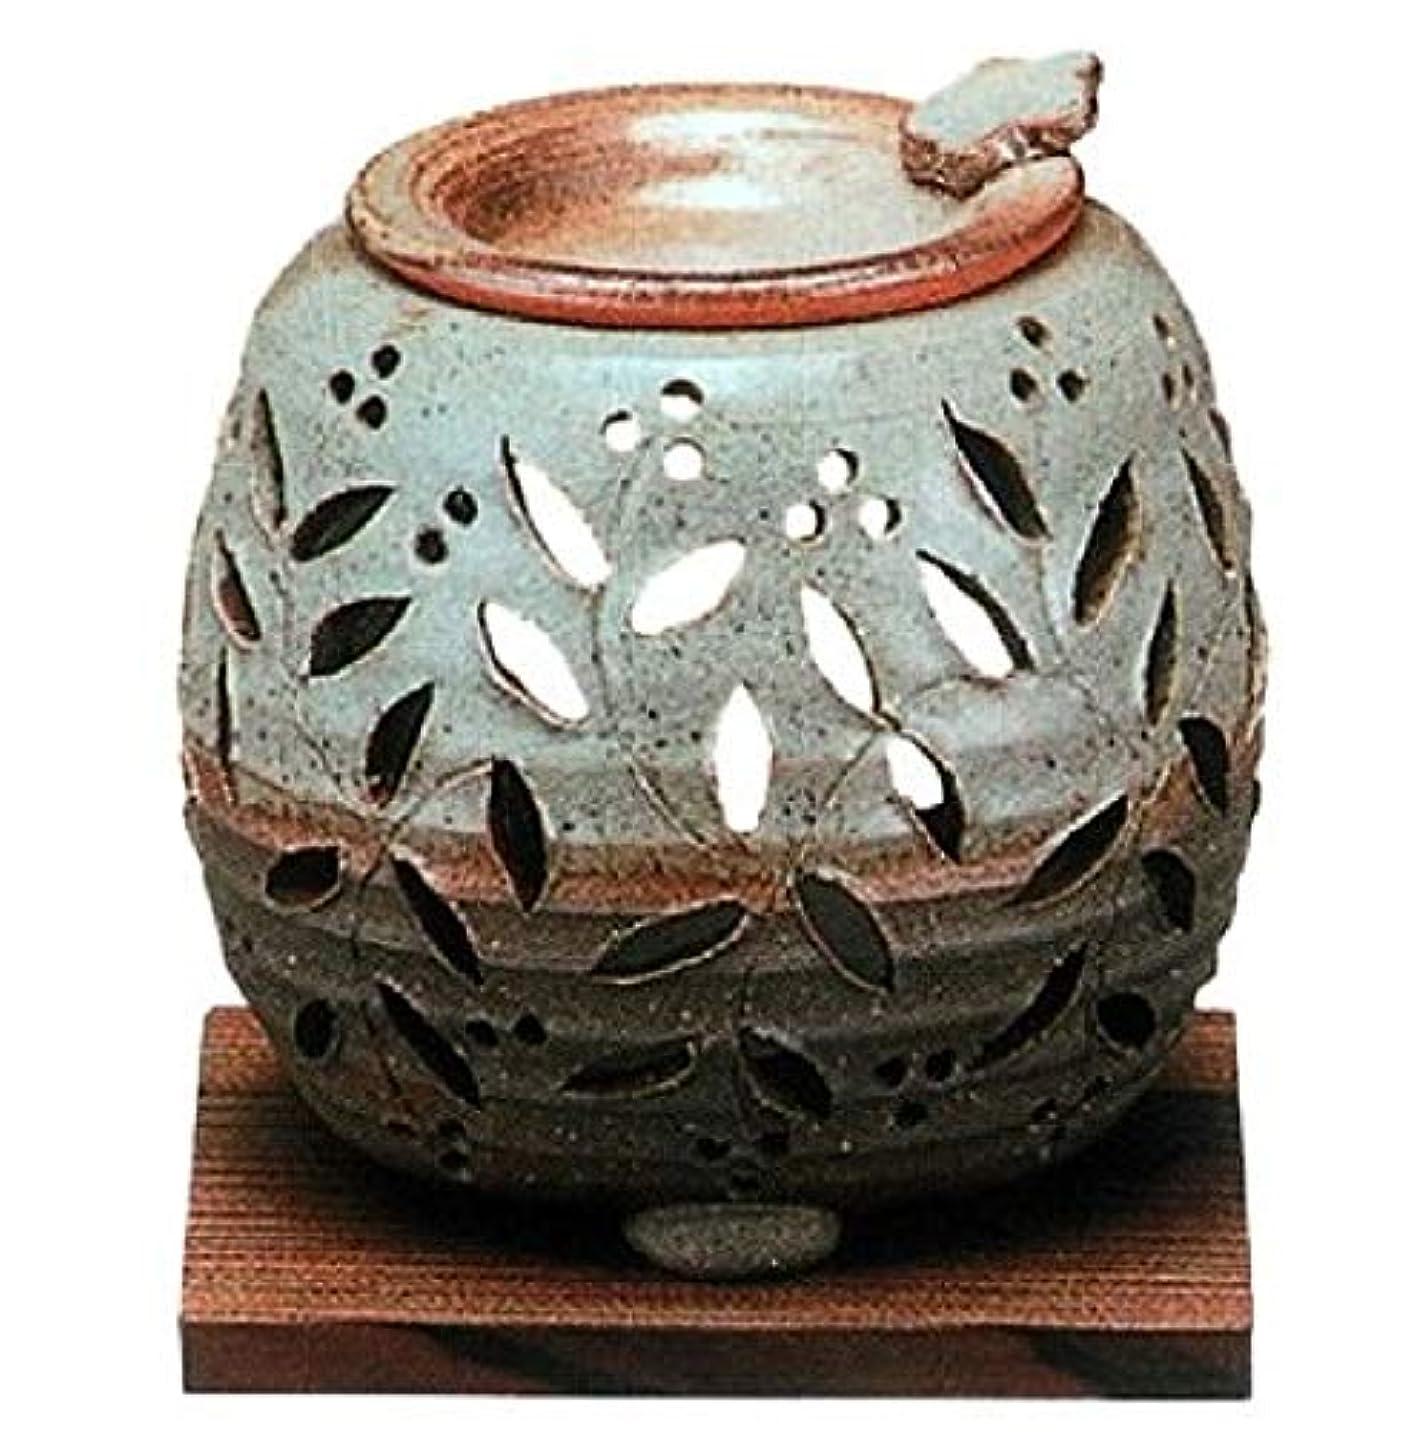 ブラウズ突き刺す履歴書常滑焼 3-829 石龍緑灰釉花透かし彫り茶香炉 石龍φ11×H11㎝